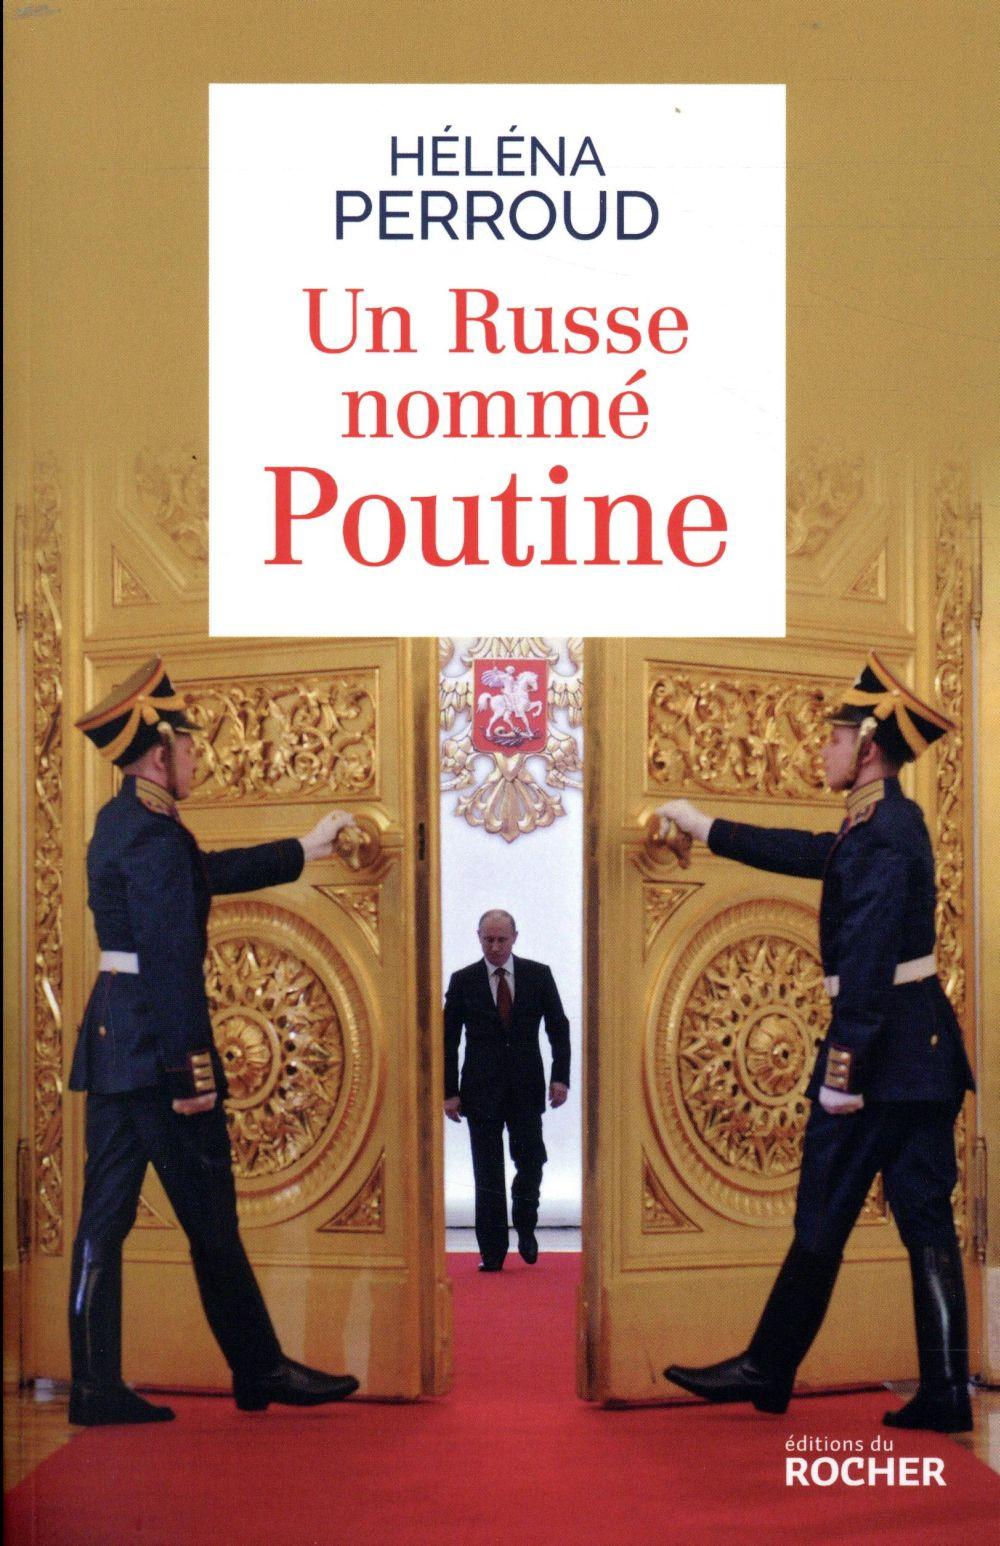 Un russe nommé Poutine